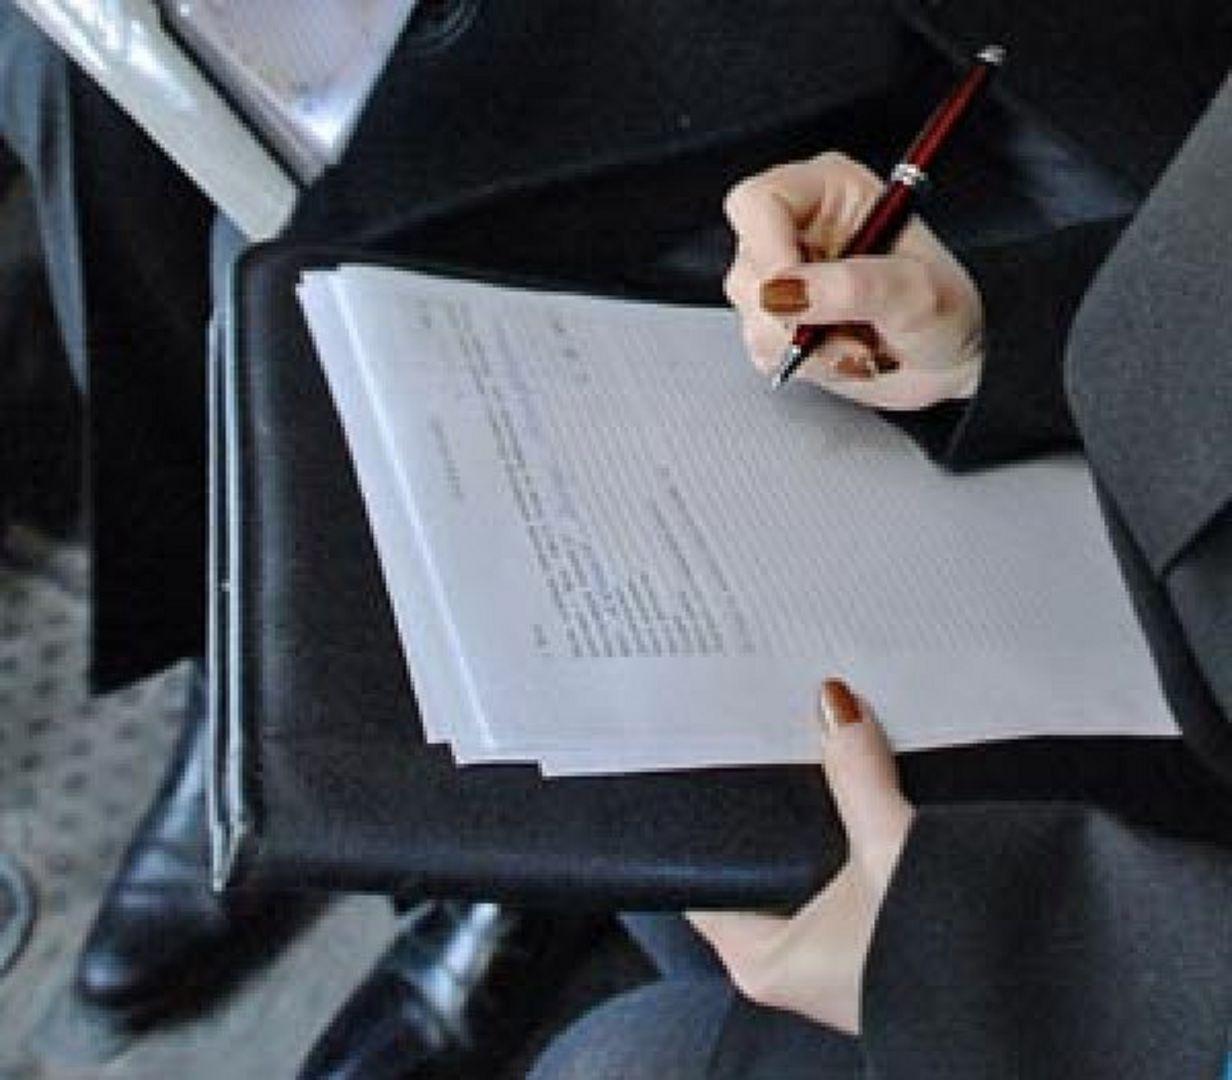 Суд Ставрополя приостановил деятельность ТРЦ «Космос» и ТЦ «Москва»